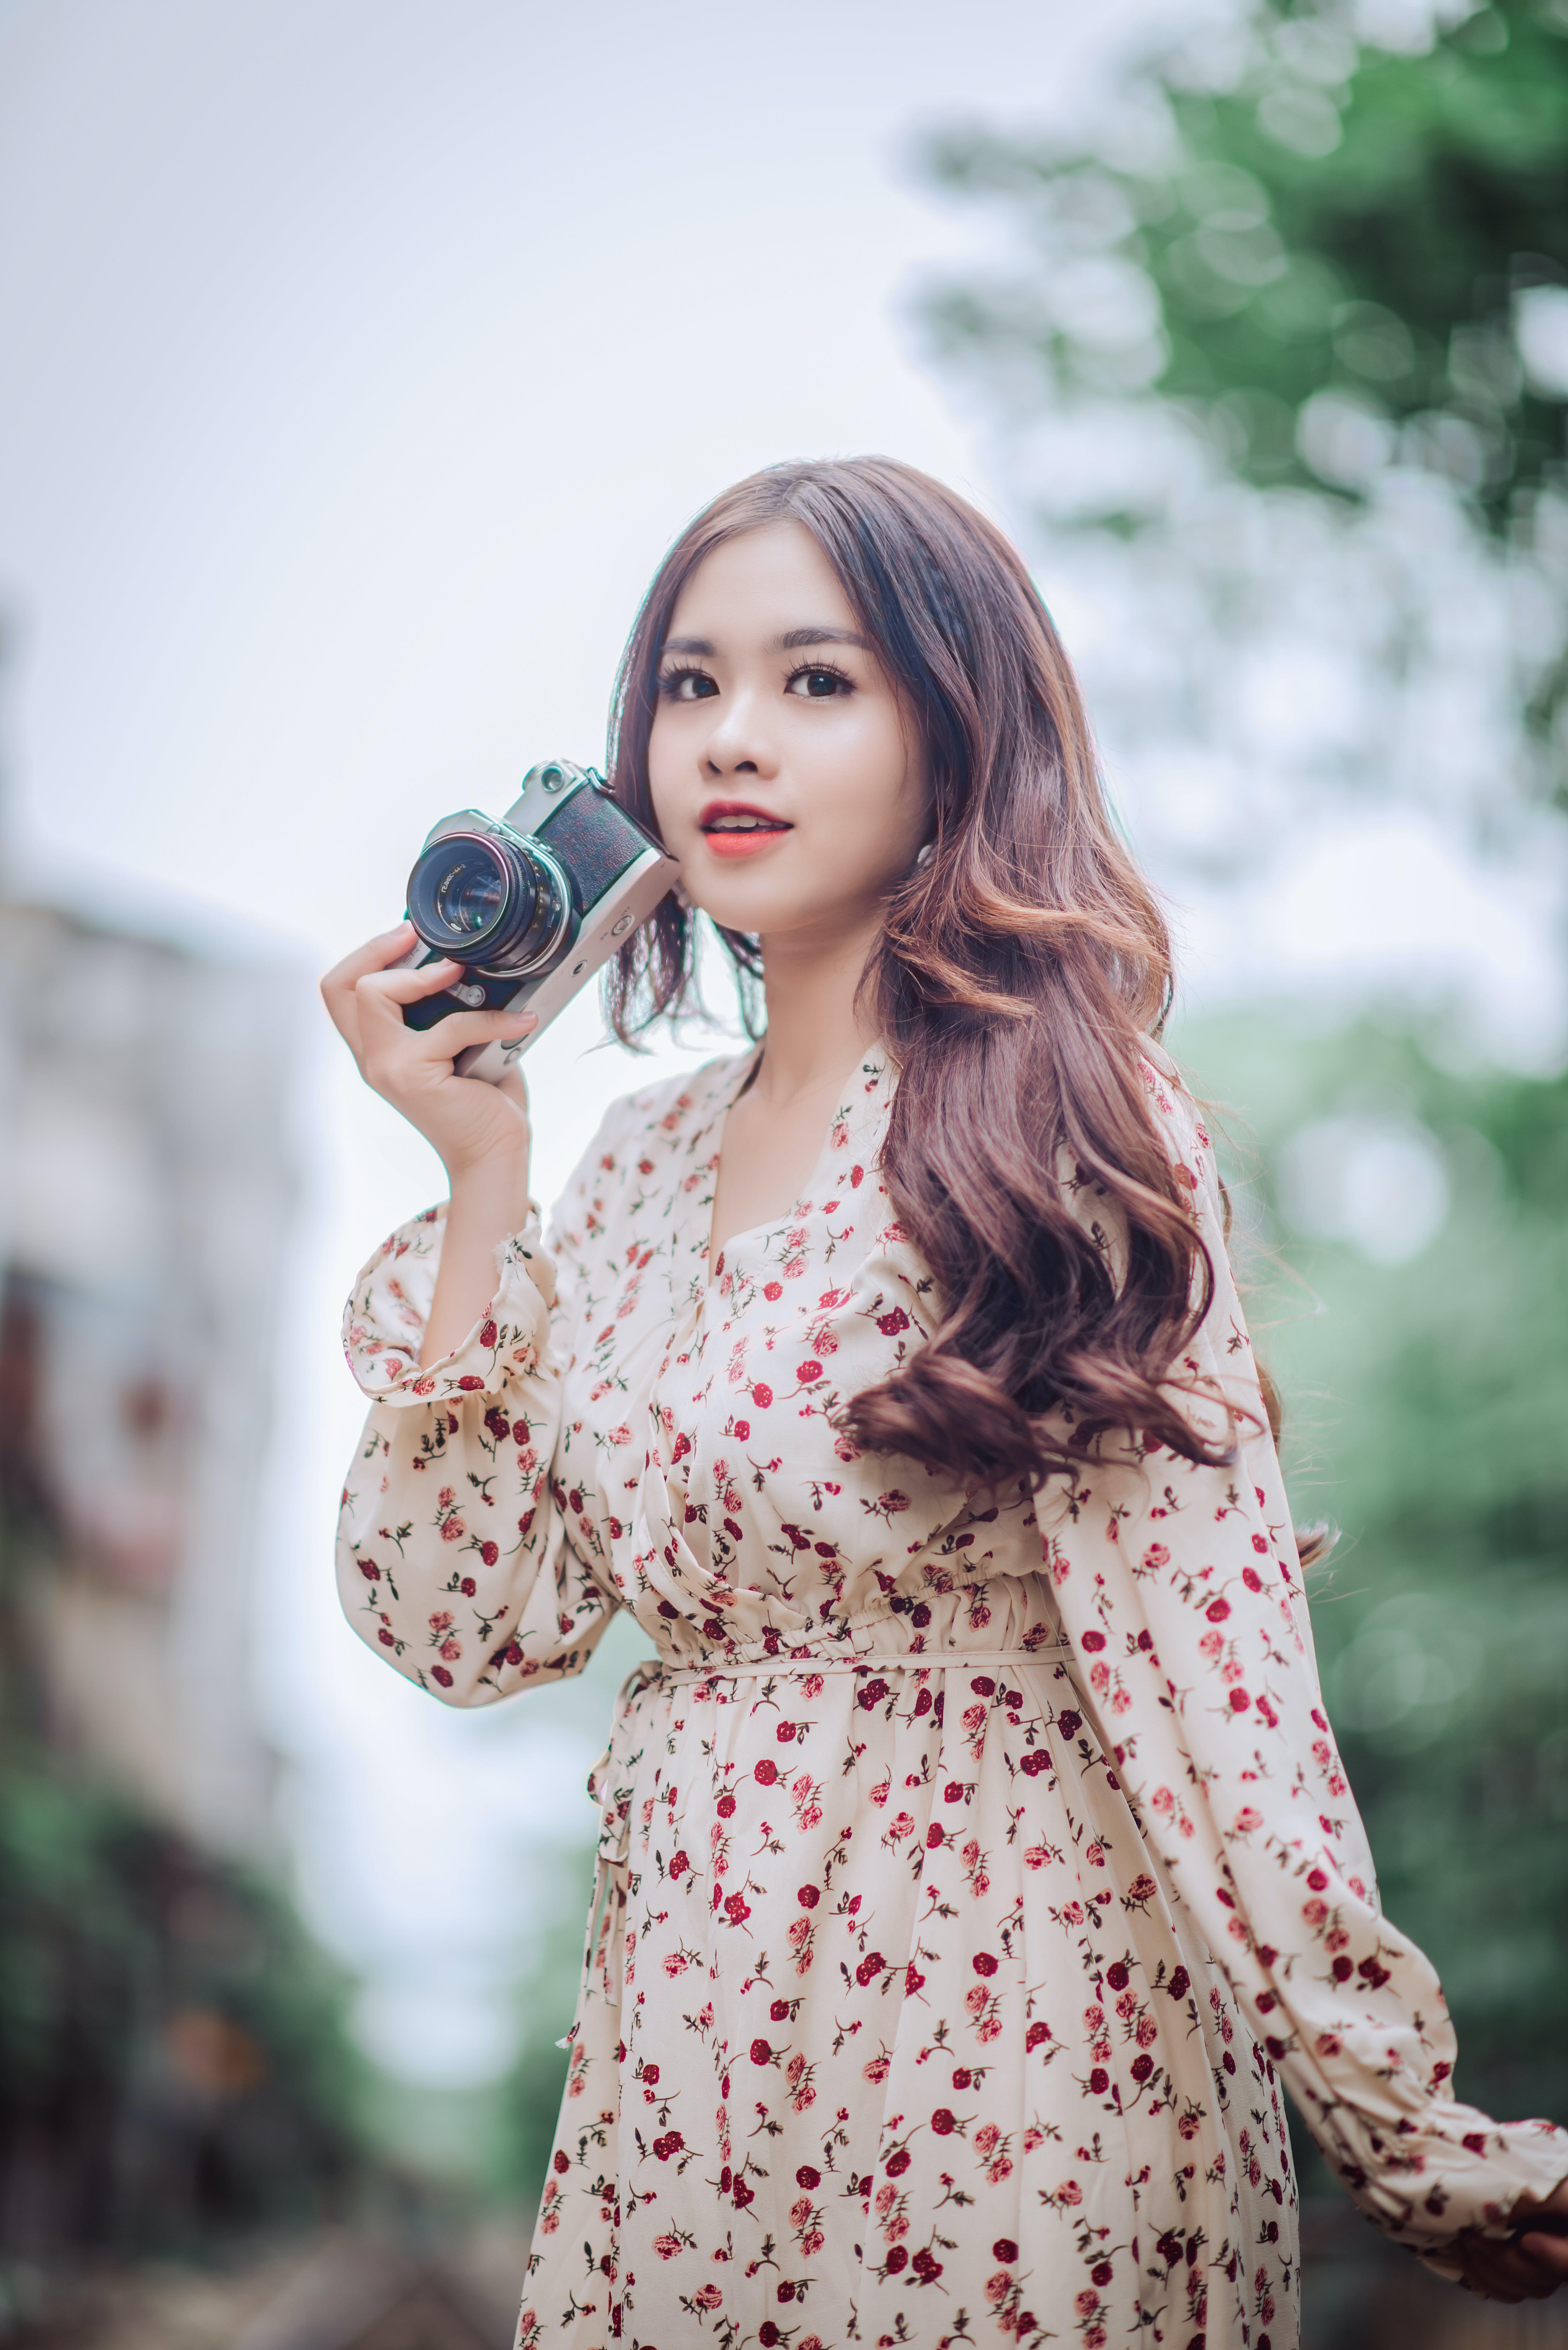 Asyalı kadın, bakmak, cazibe, çekici; cazip içeren Ücretsiz stok fotoğraf